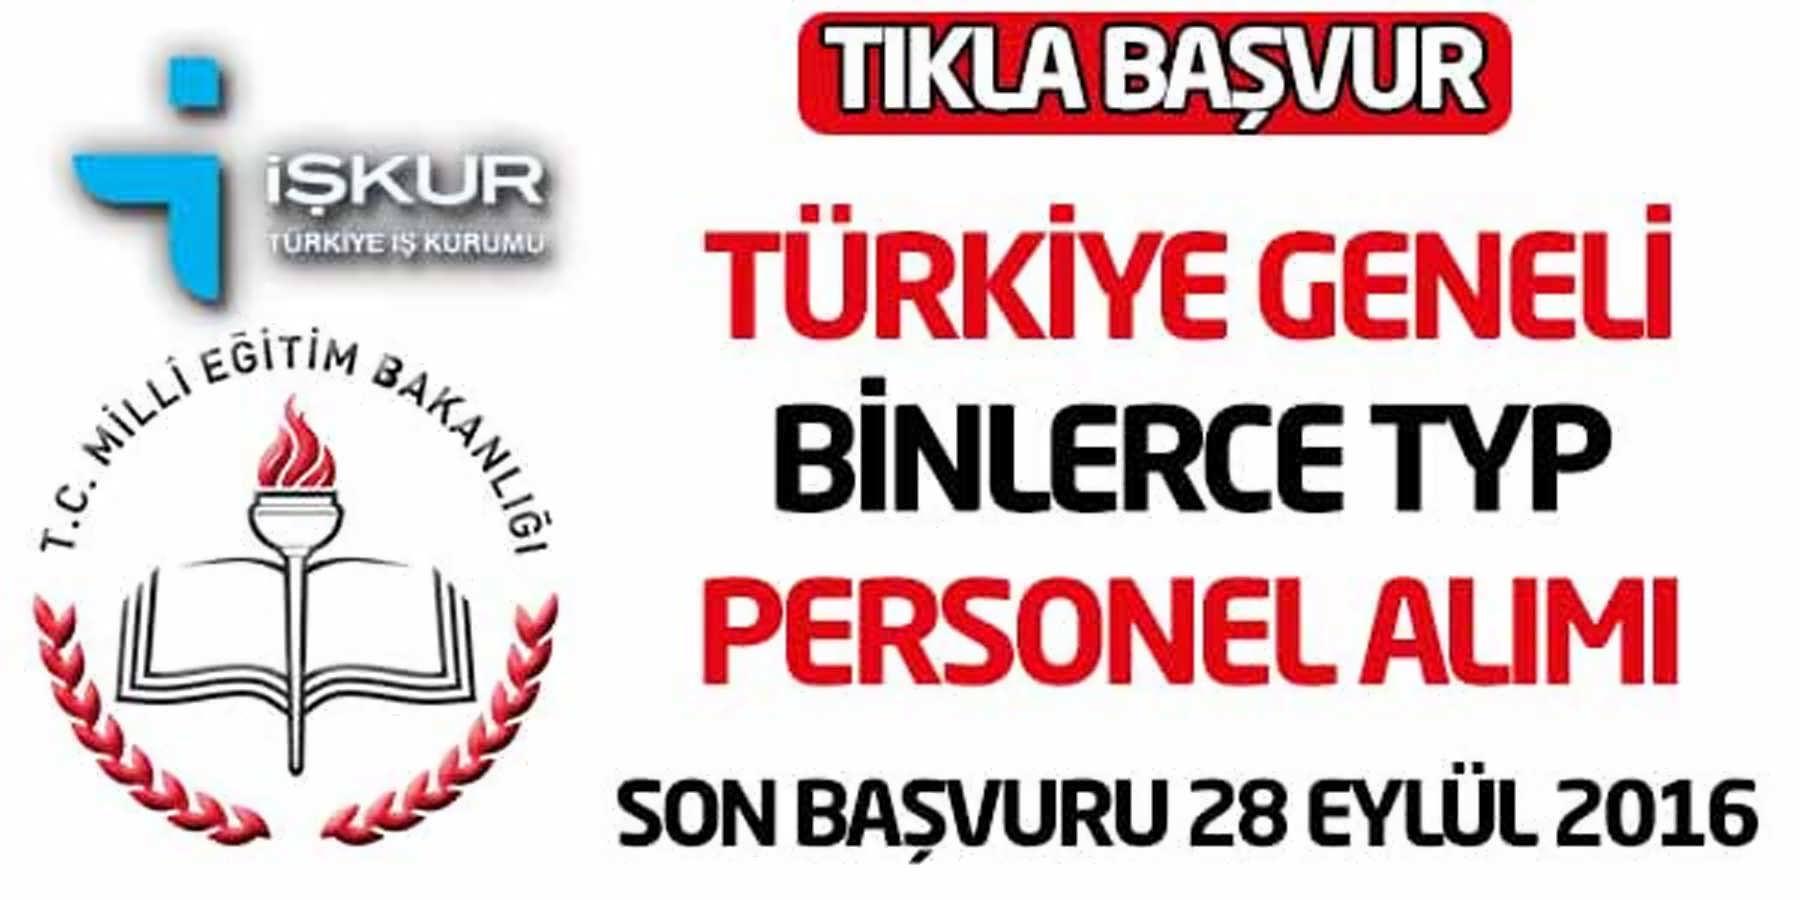 MEB Türkiye Geneli TYP Personel Alımı Başvurusu